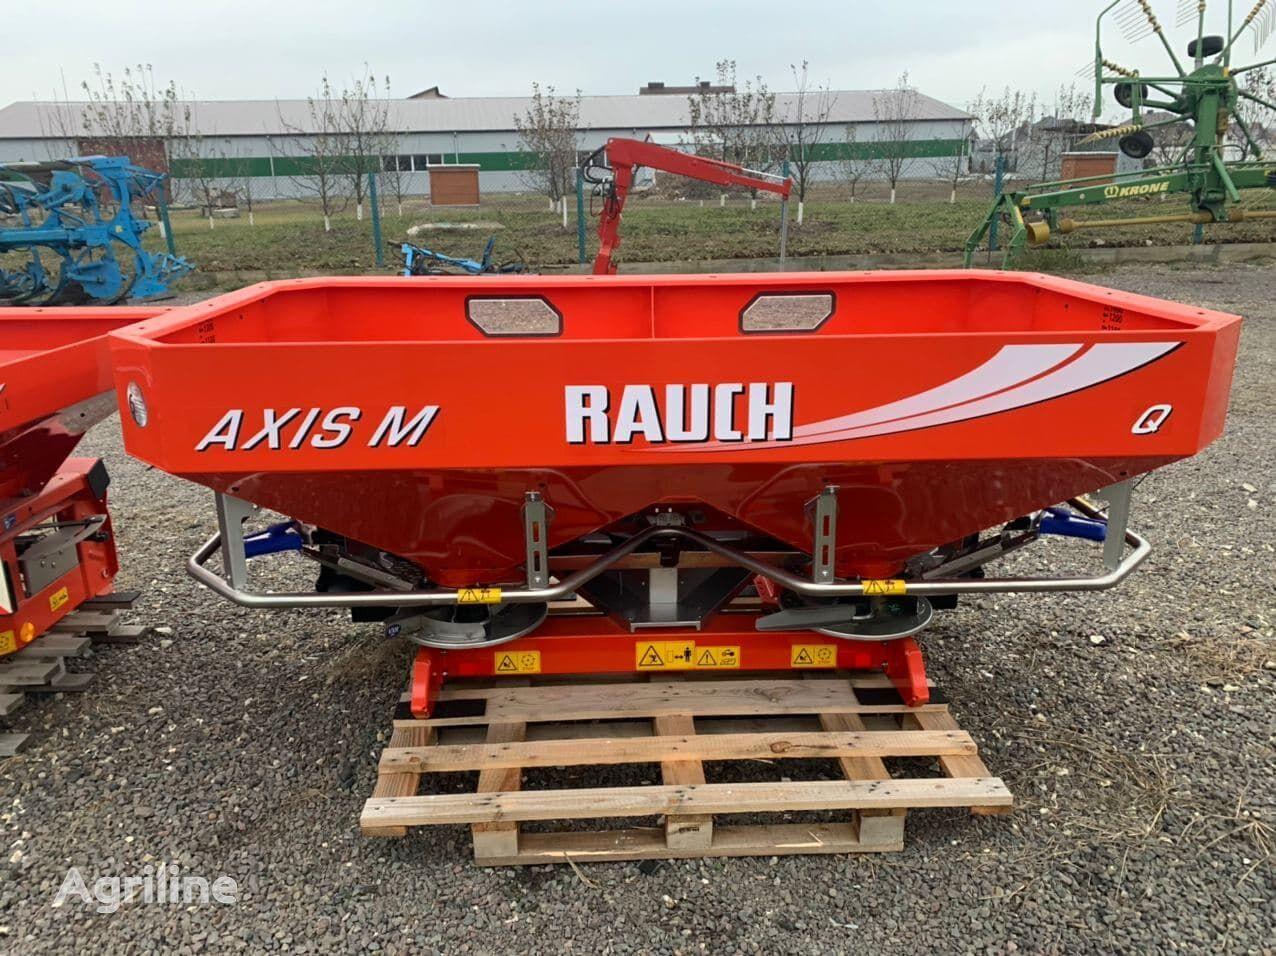 新固定式肥料撒布机 RAUCH AXIS M 30.2 Q